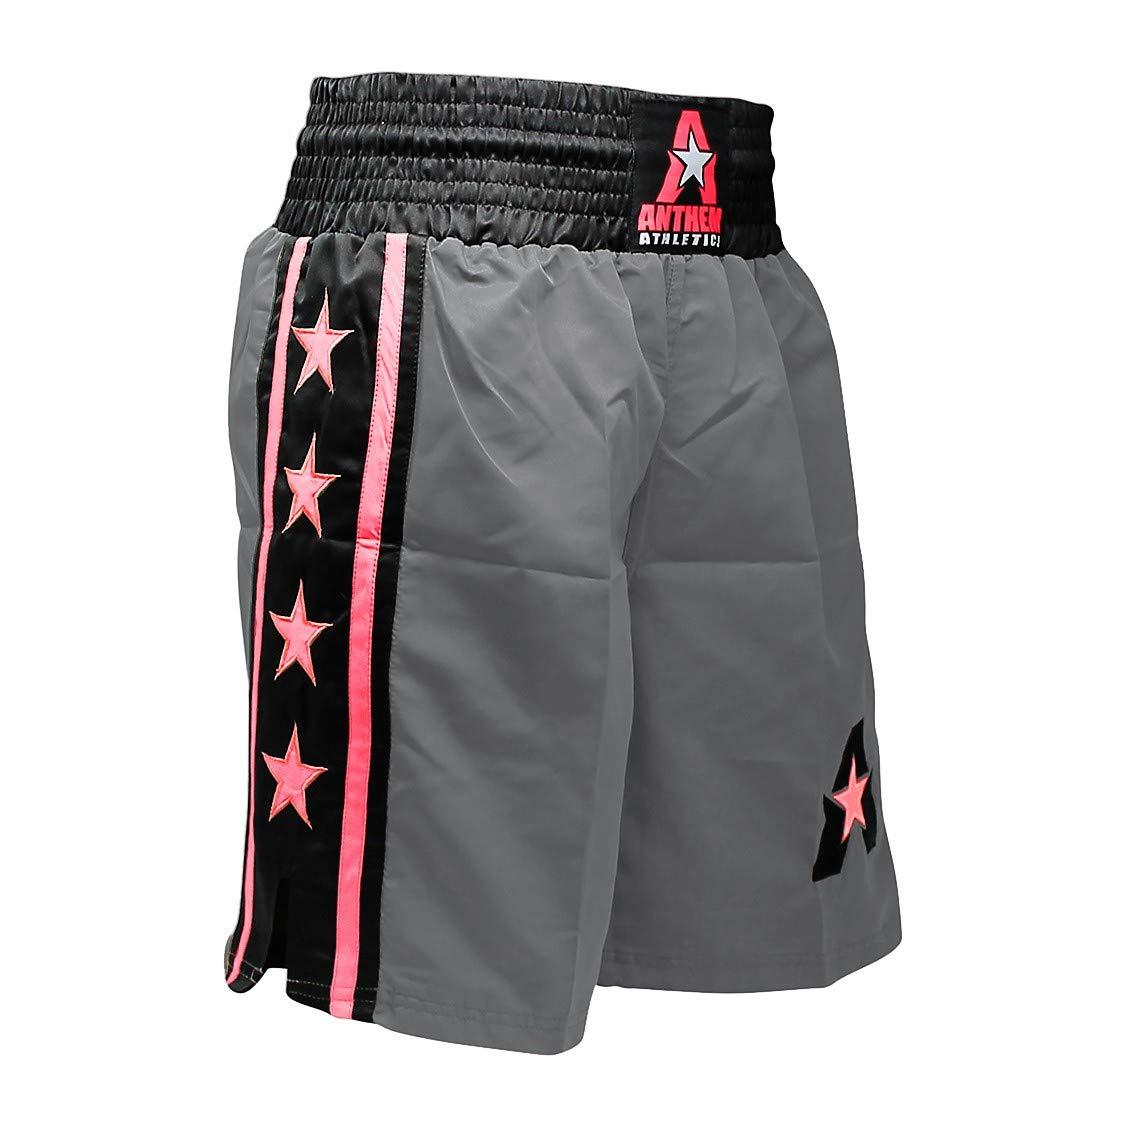 a19966ede586 Amazon.com  Anthem Athletics Classic Boxing Trunks Shorts  Clothing